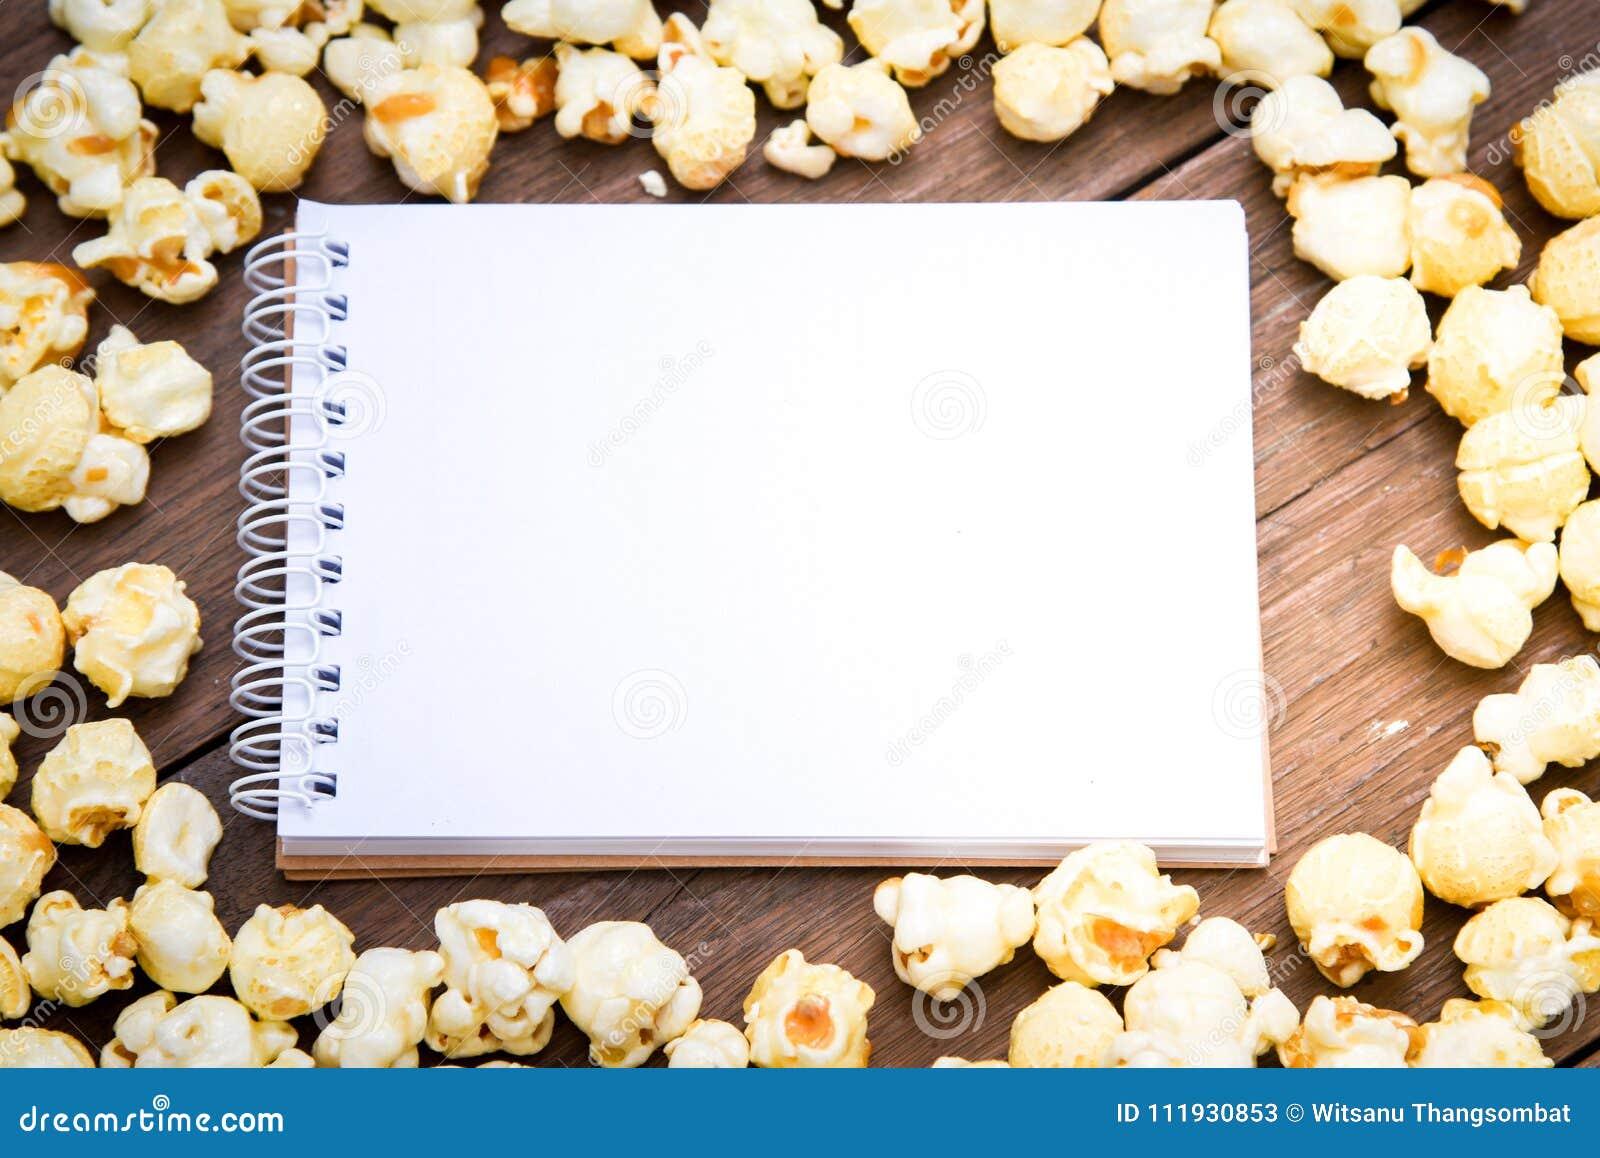 一个碗玉米花和笔记本在一张木桌上